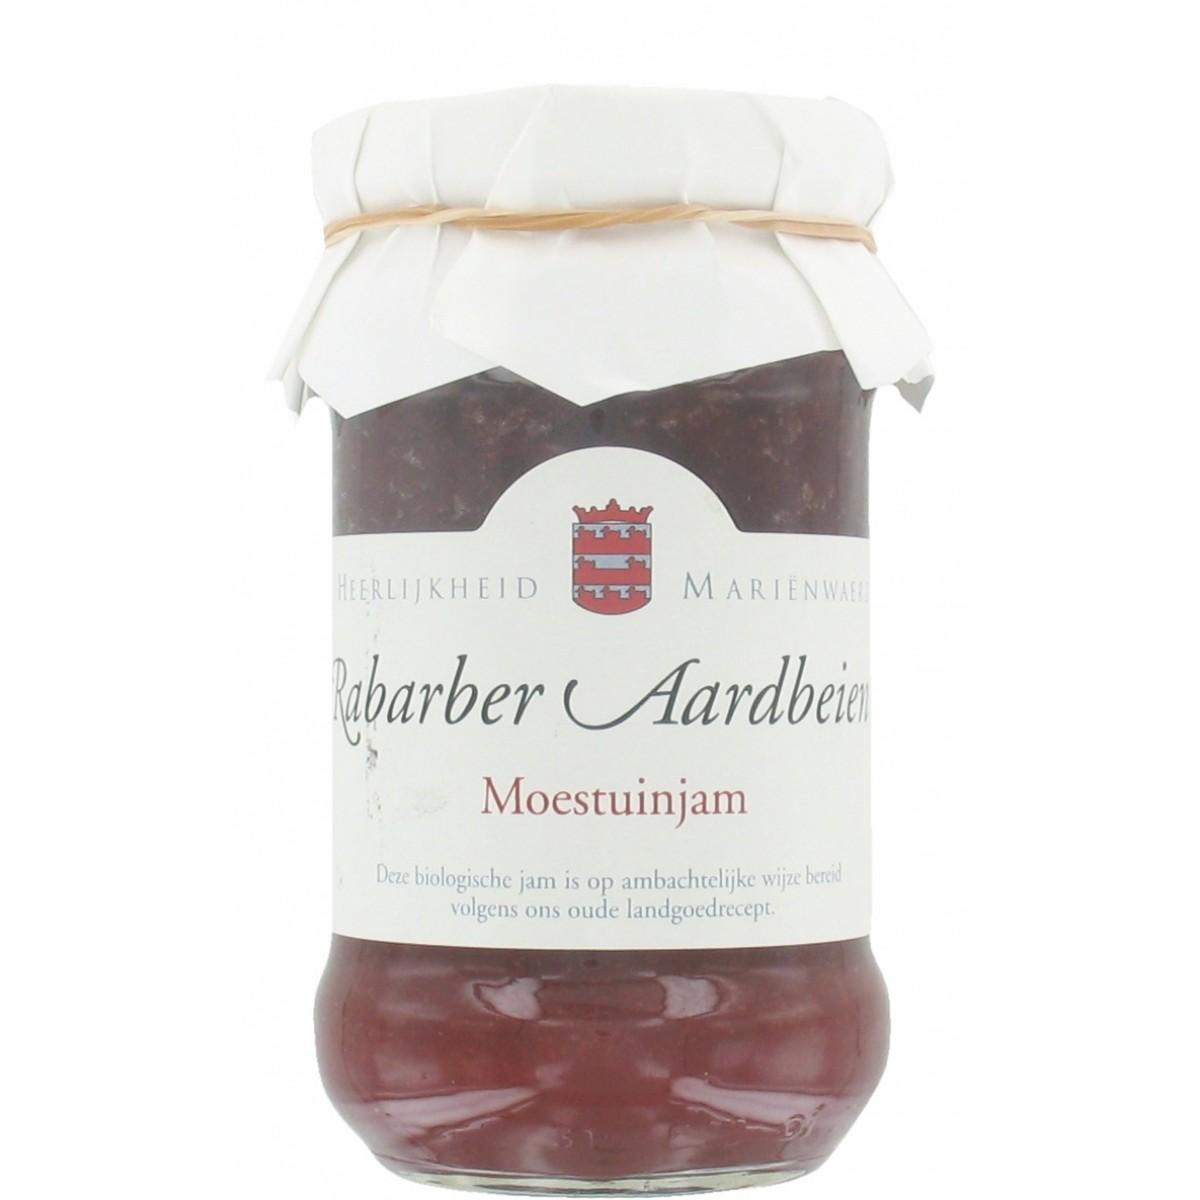 Moestuinjam Rabarber Aardbeien